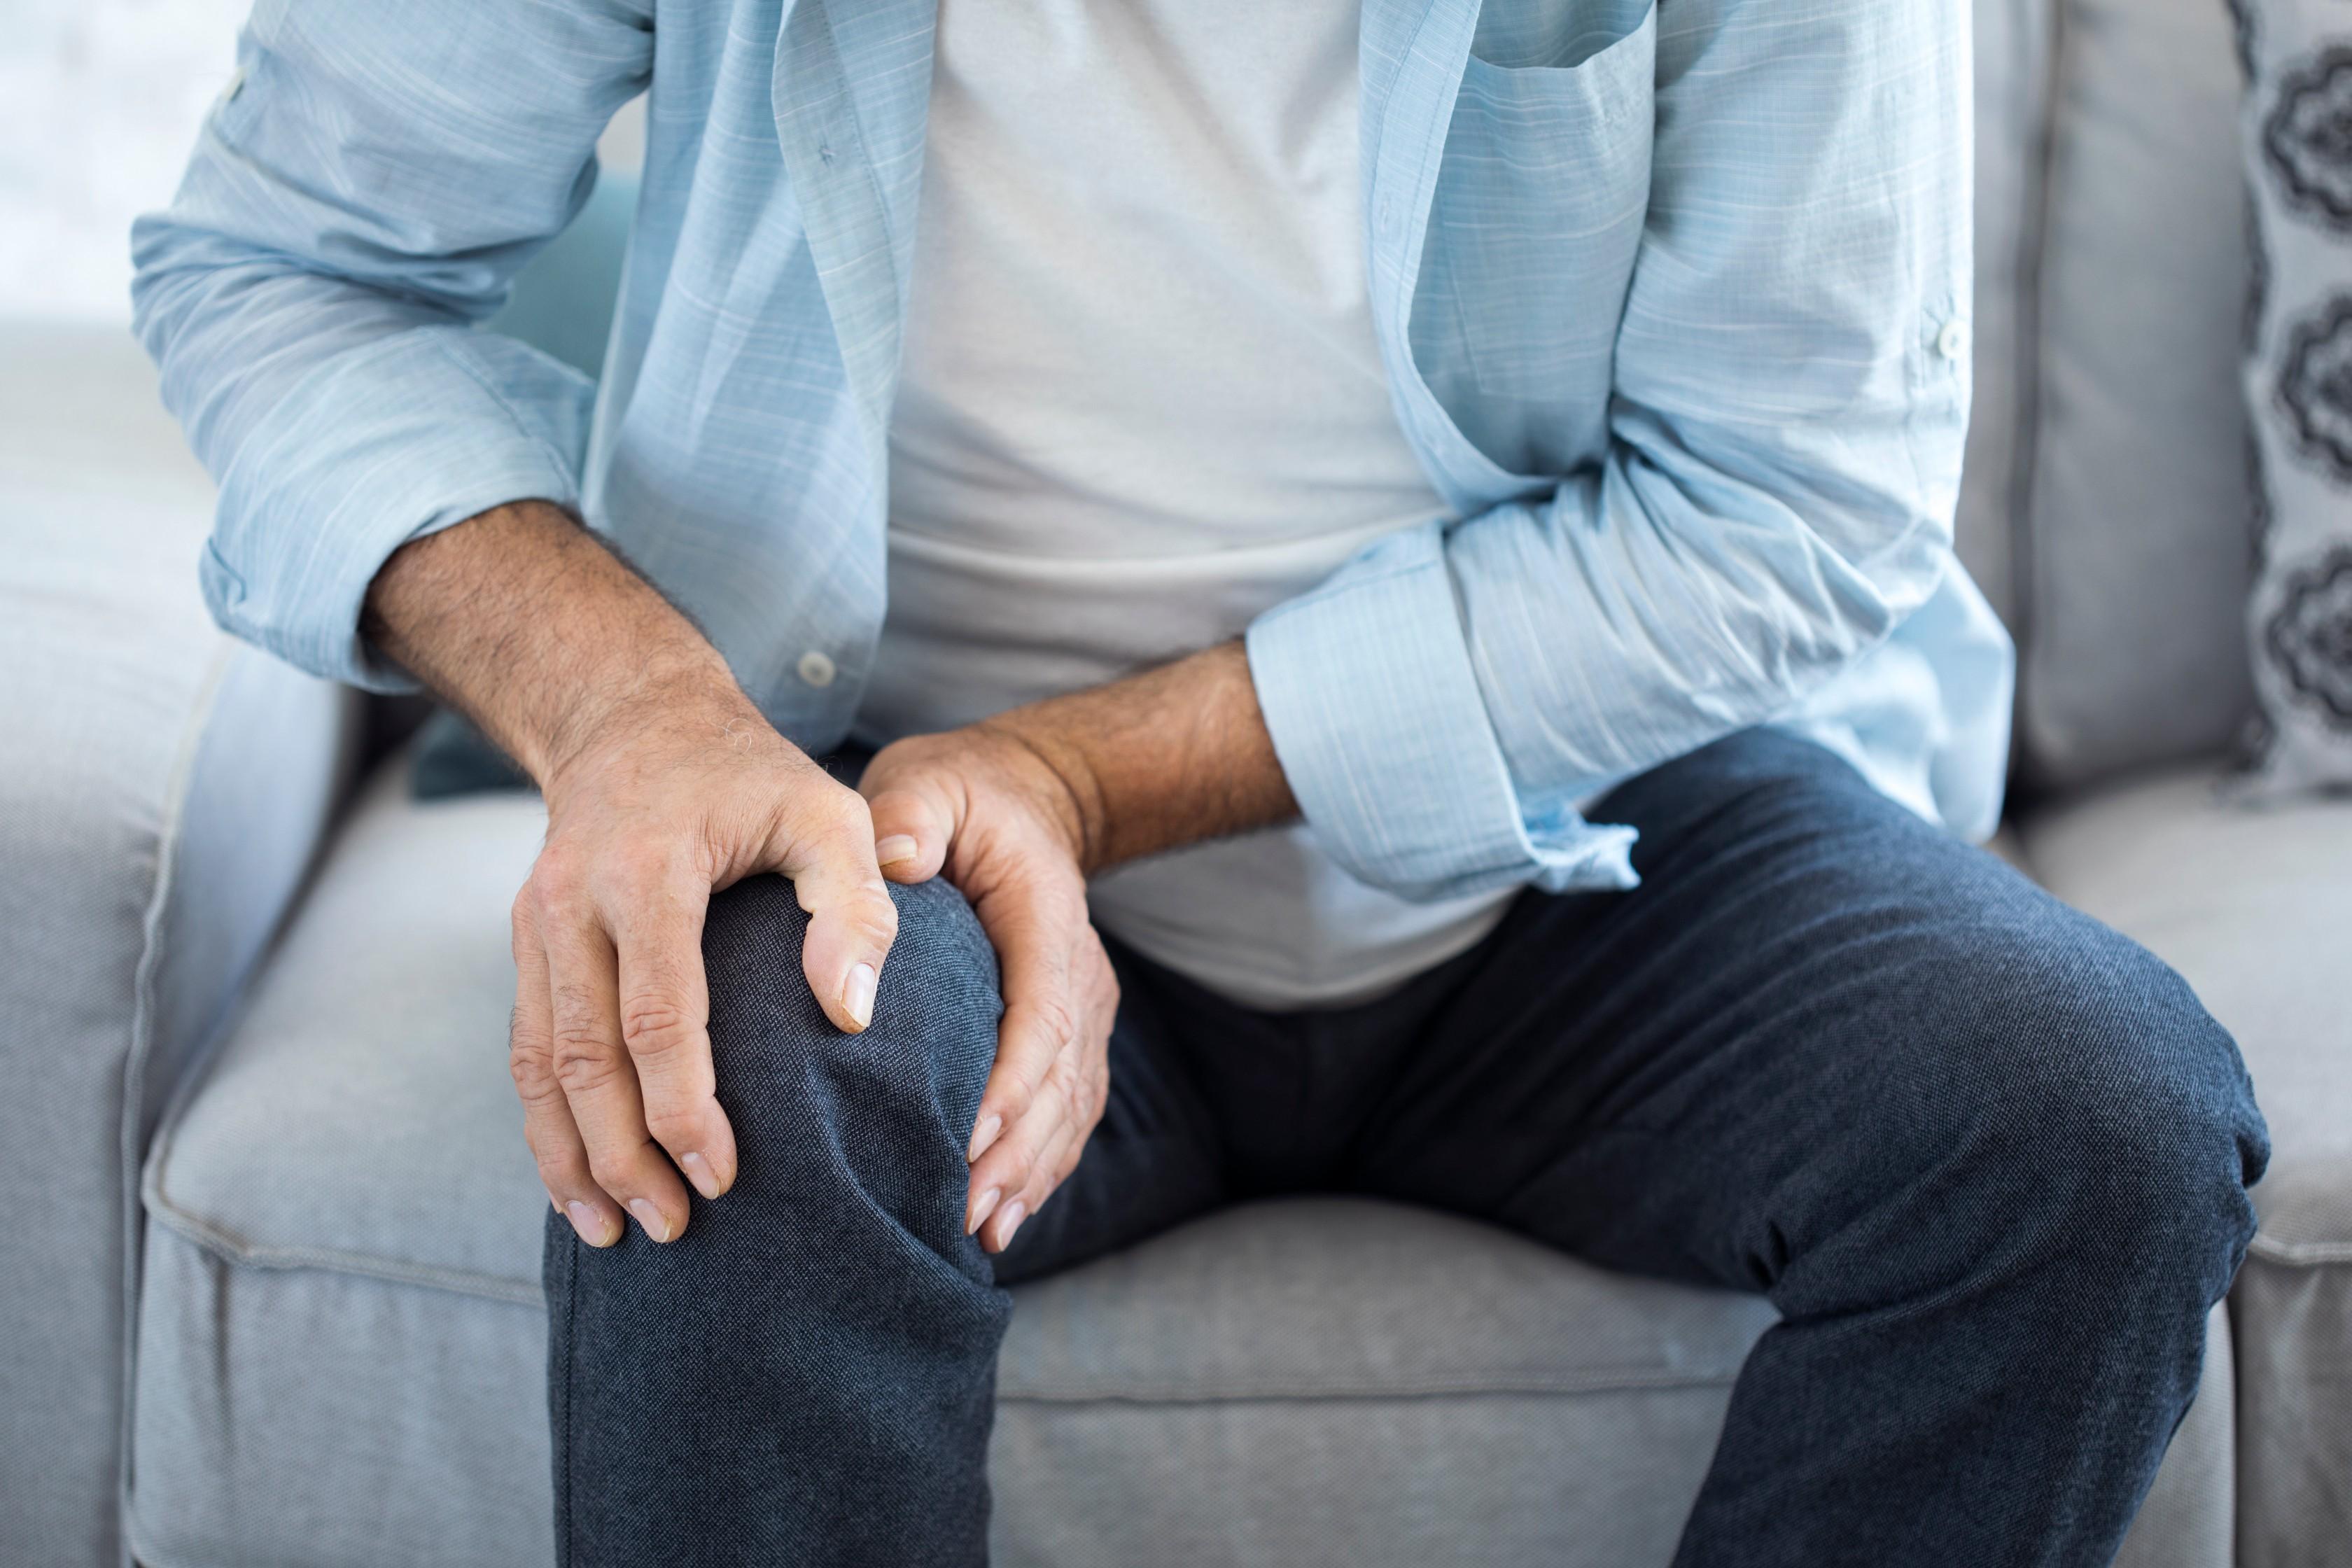 Gyakori térdfájás tünetei, okai és kezelései